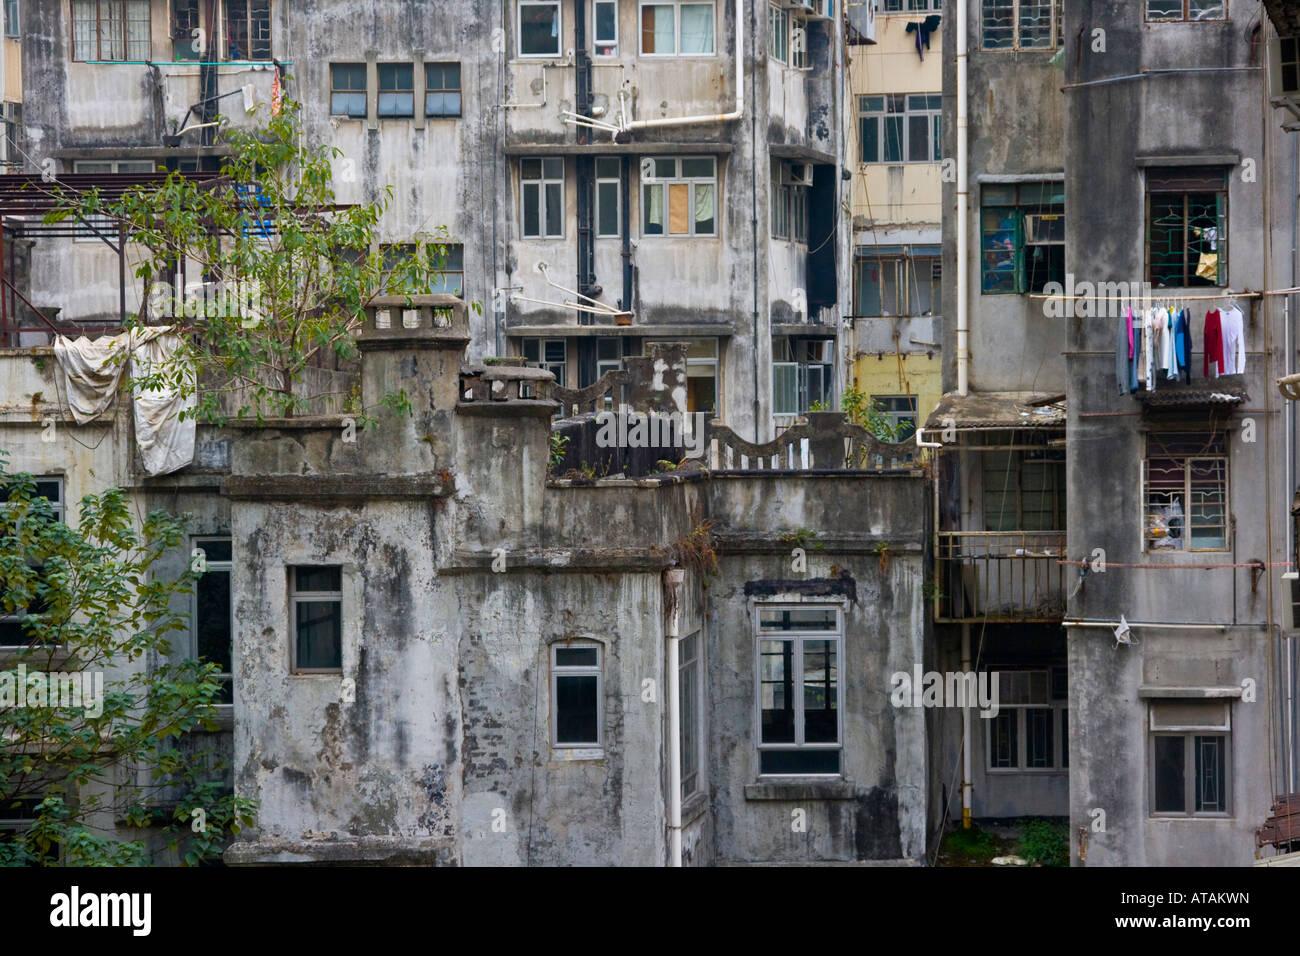 Tag - Tenement Buildings